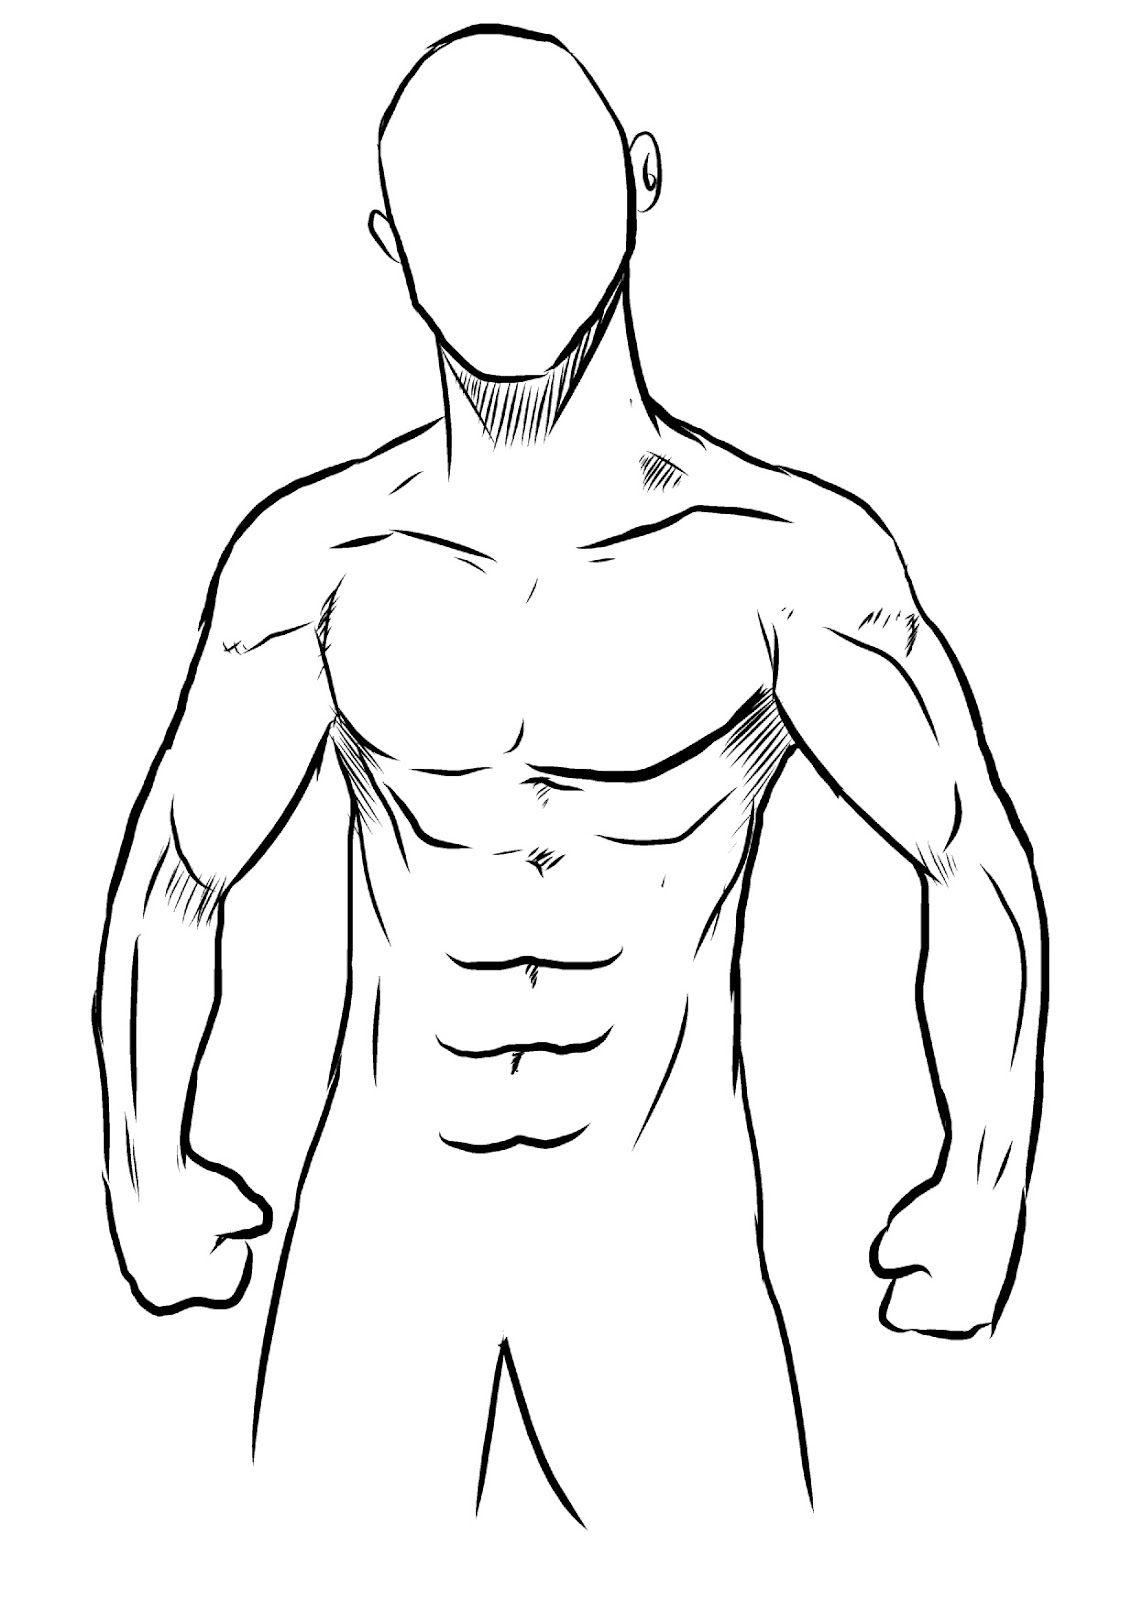 espalda musculosa dibujo - Buscar con Google | Diagramas | Pinterest ...